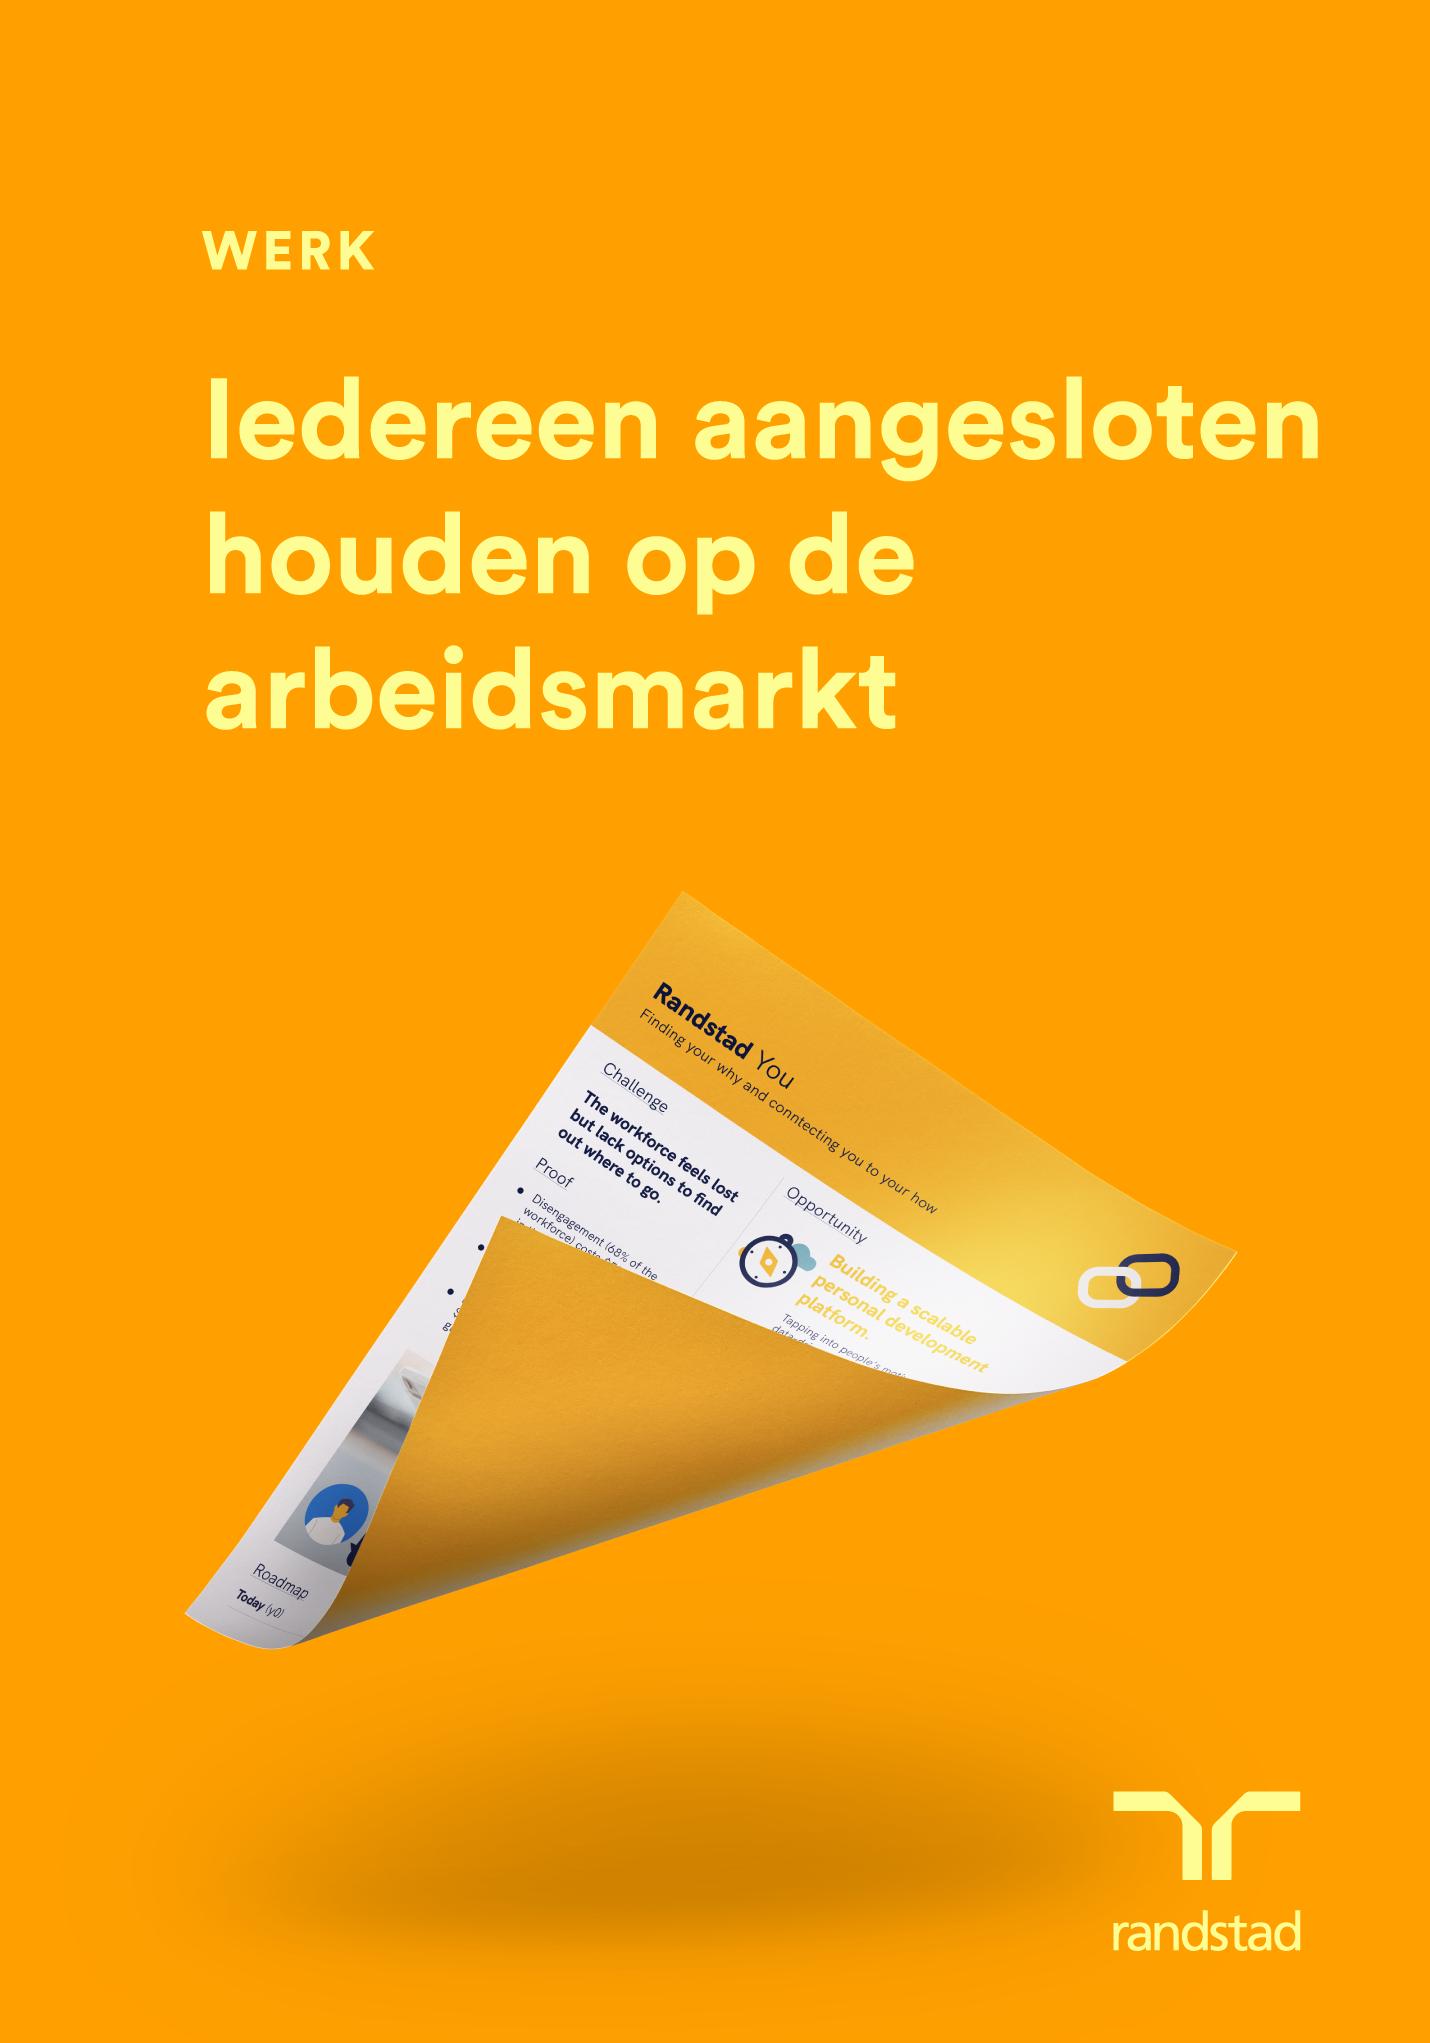 Project - Randstad - Een circulaire arbeidsmarkt